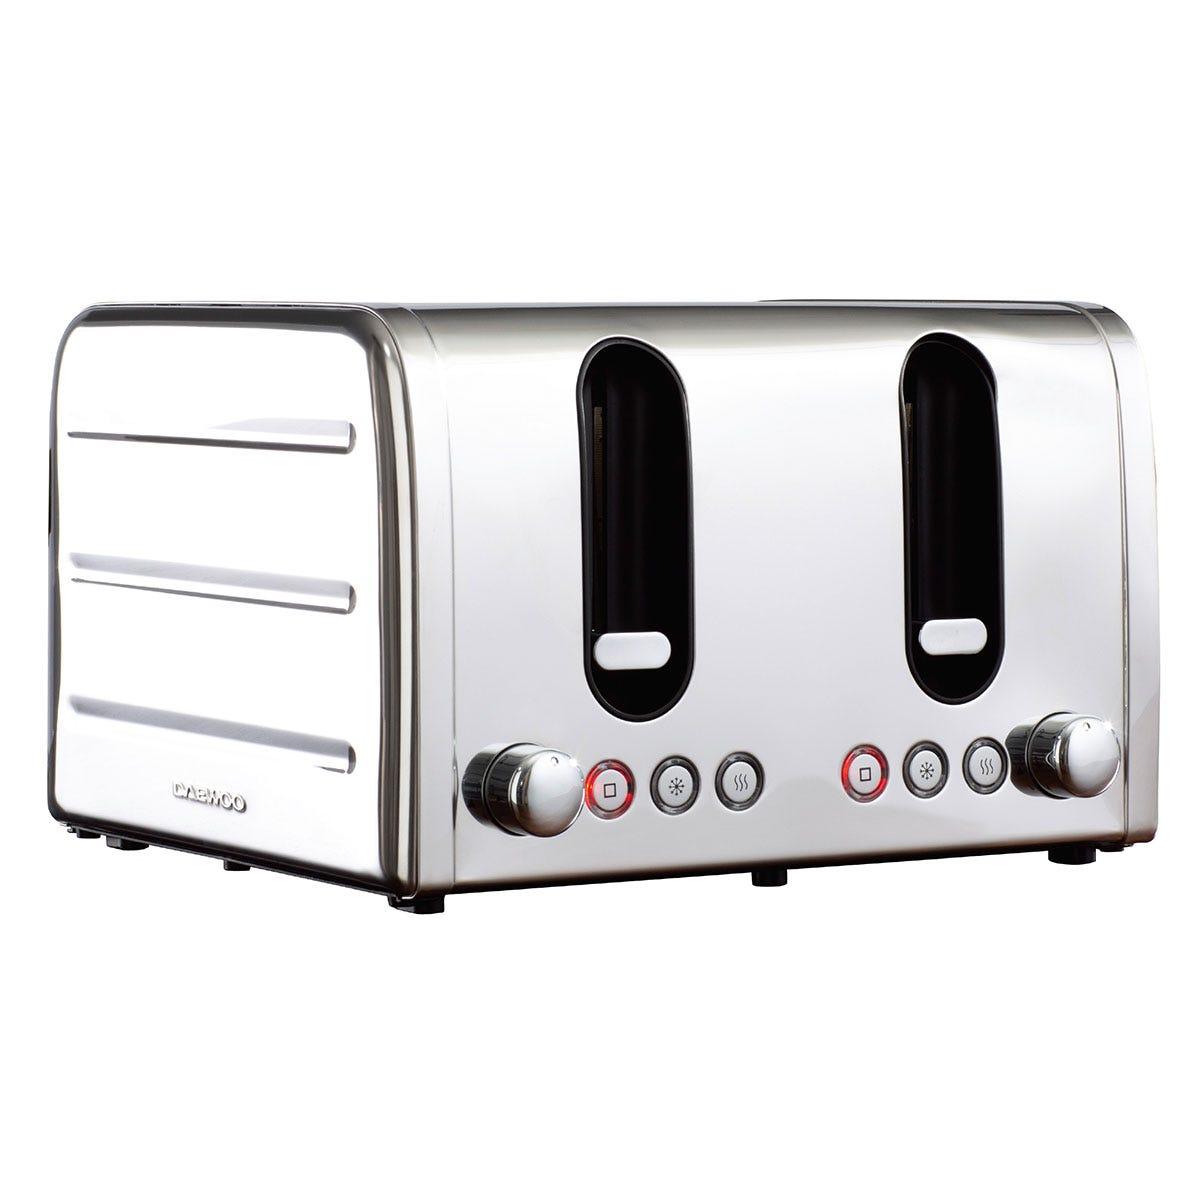 Daewoo SDA1787 Deauville 4-Slice Toaster - Stainless Steel